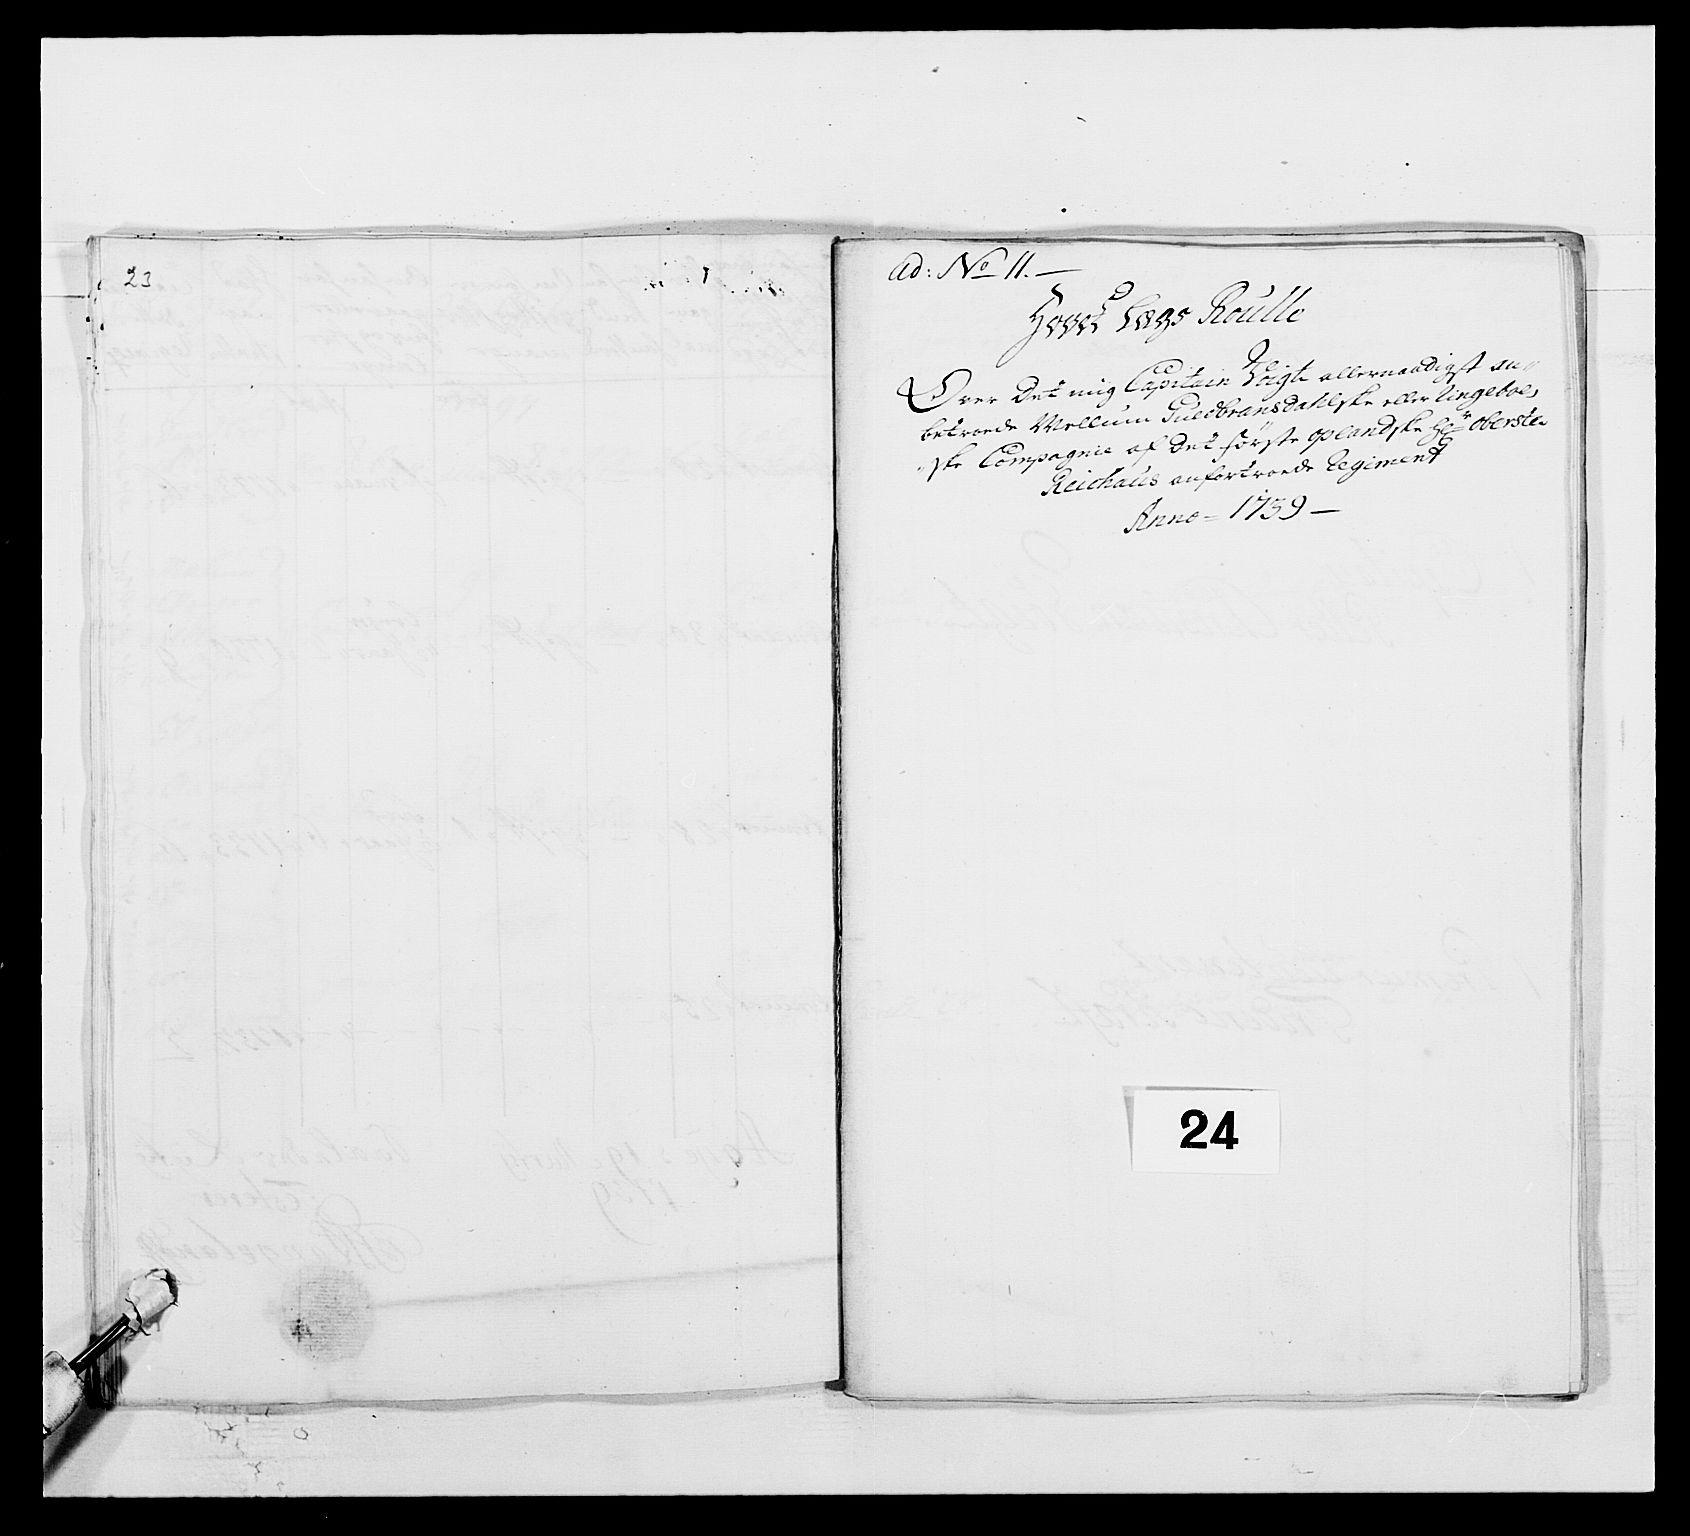 RA, Kommanderende general (KG I) med Det norske krigsdirektorium, E/Ea/L0502: 1. Opplandske regiment, 1720-1743, s. 249